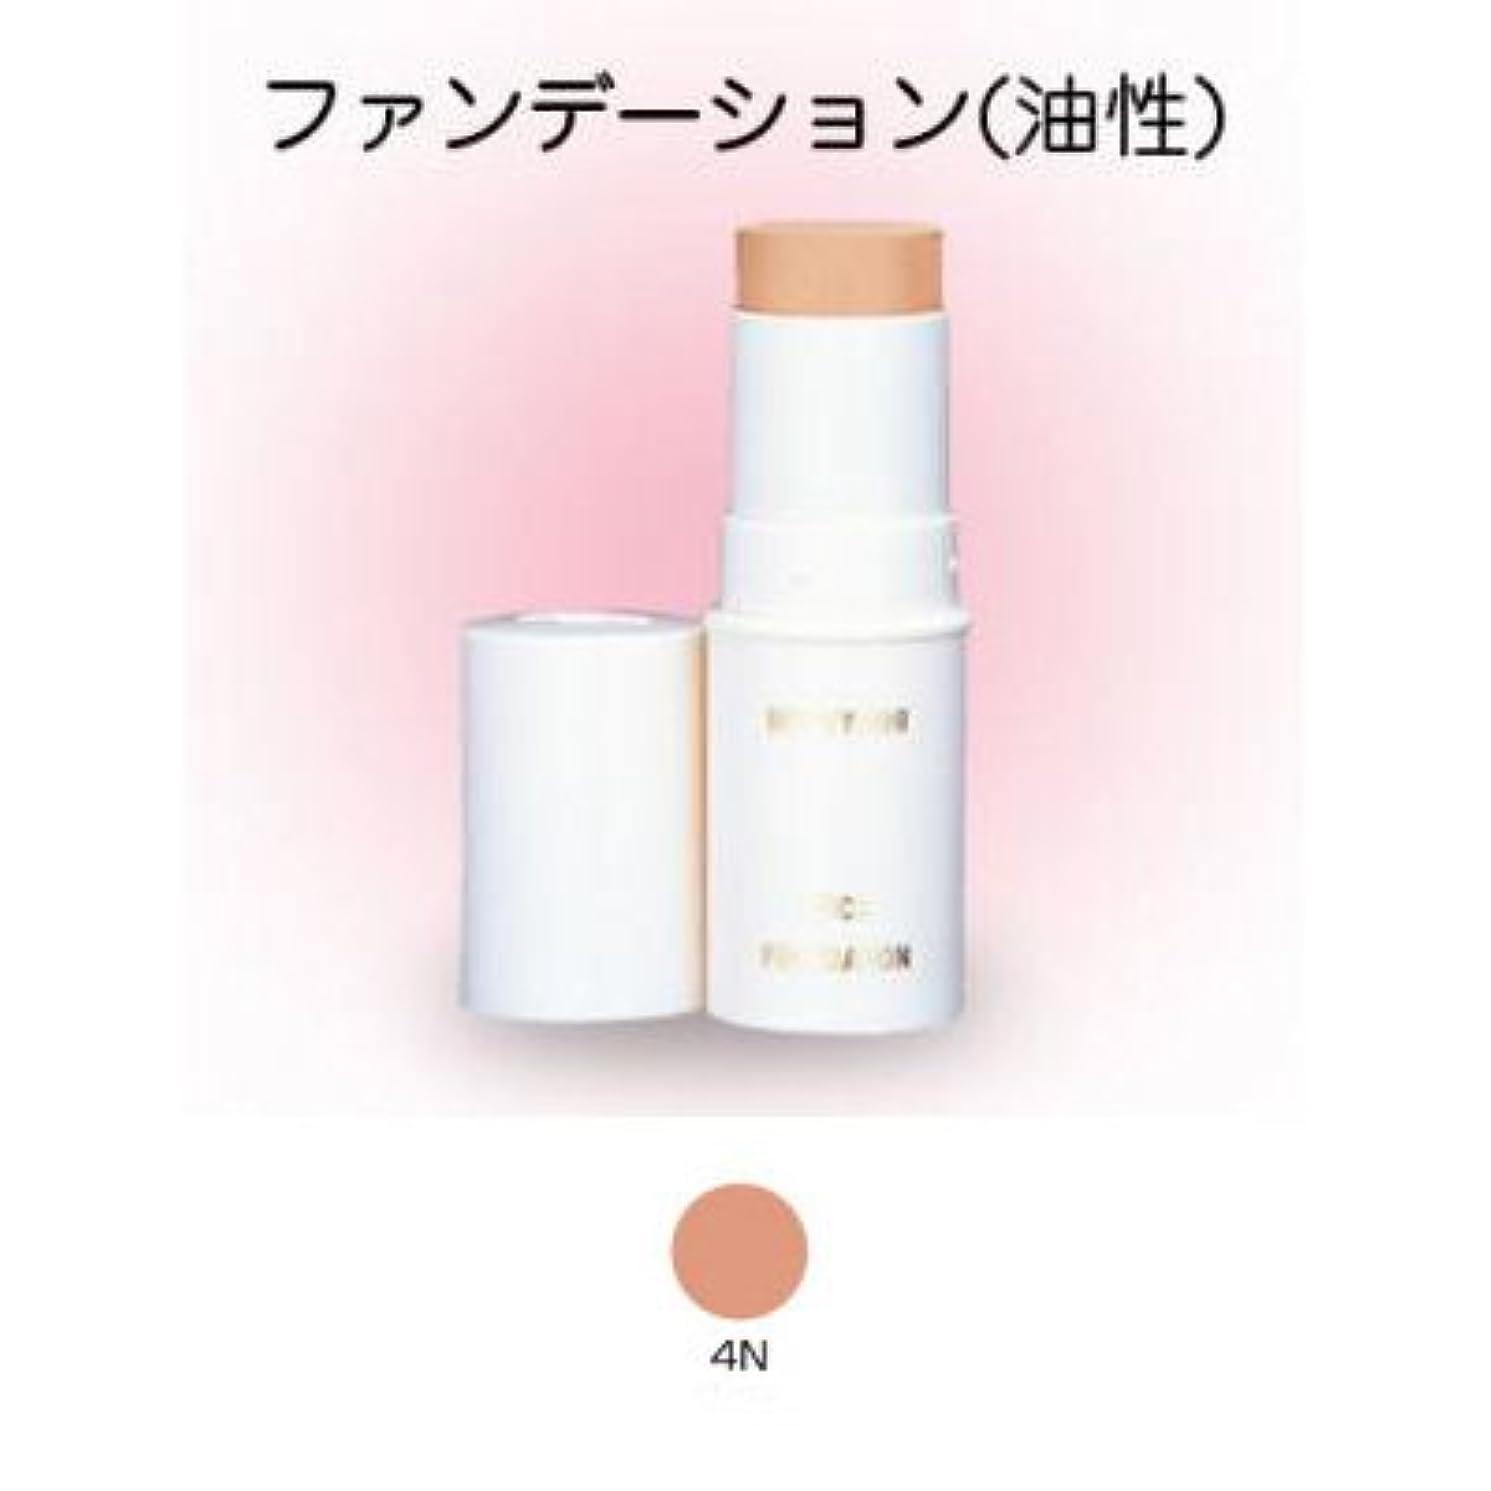 耳平等無しスティックファンデーション 16g 4N 【三善】